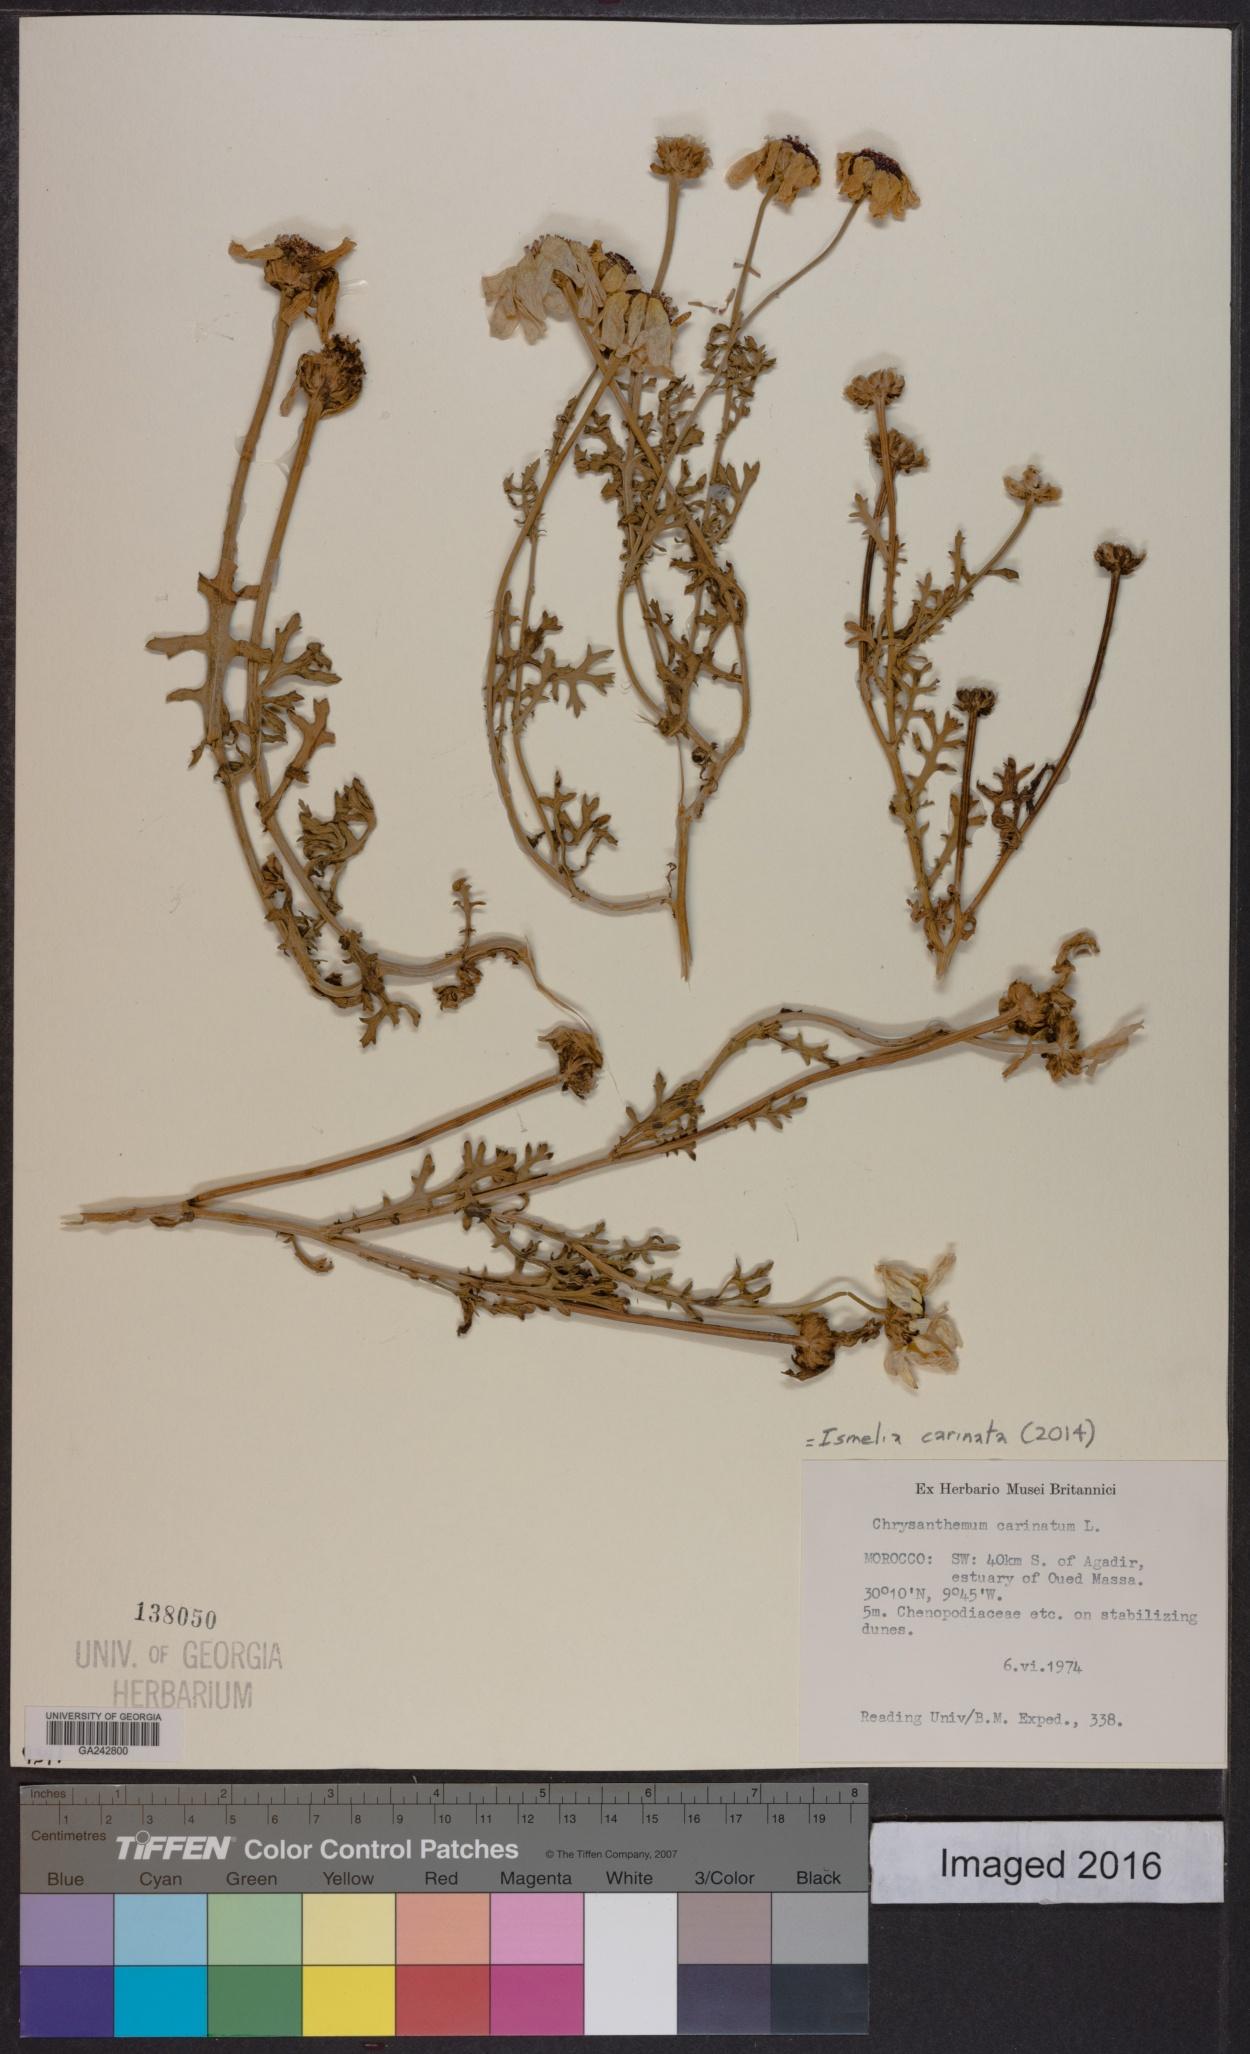 Ismelia carinata image